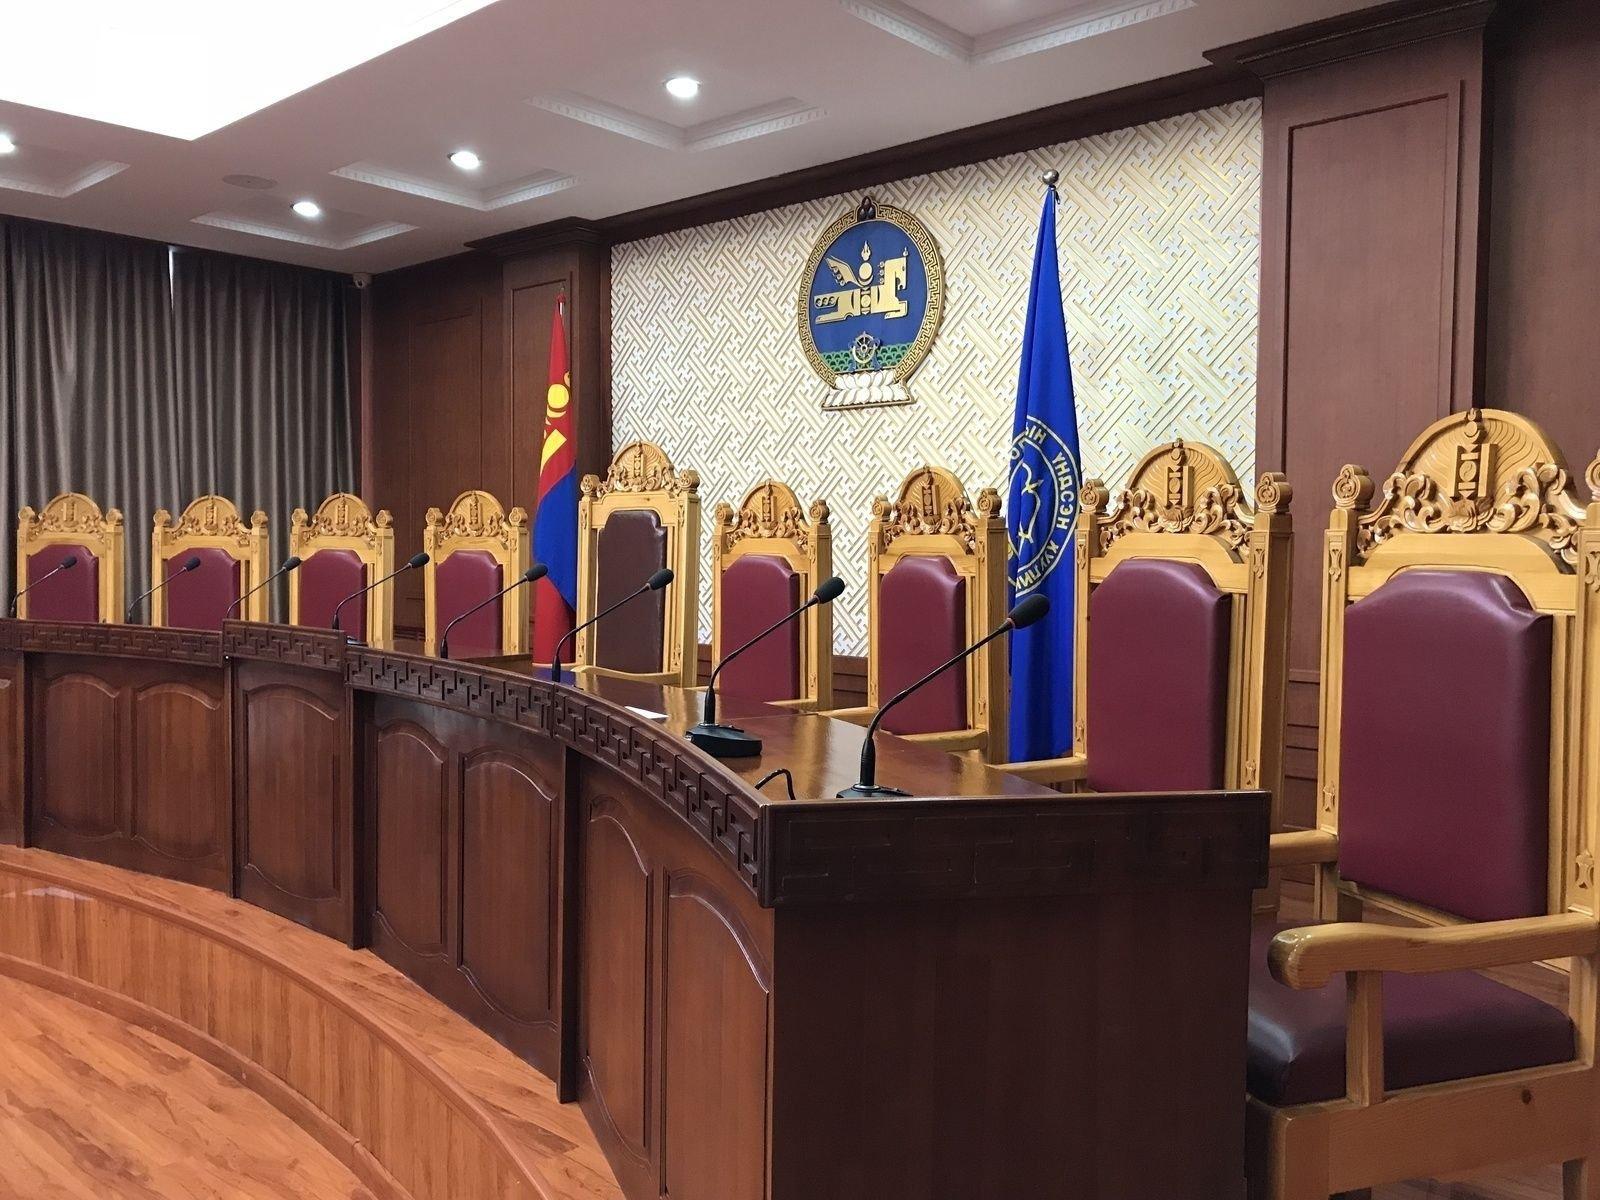 Үндсэн хуулийн цэцийн Их суудлын хуралдаан хойшиллоо